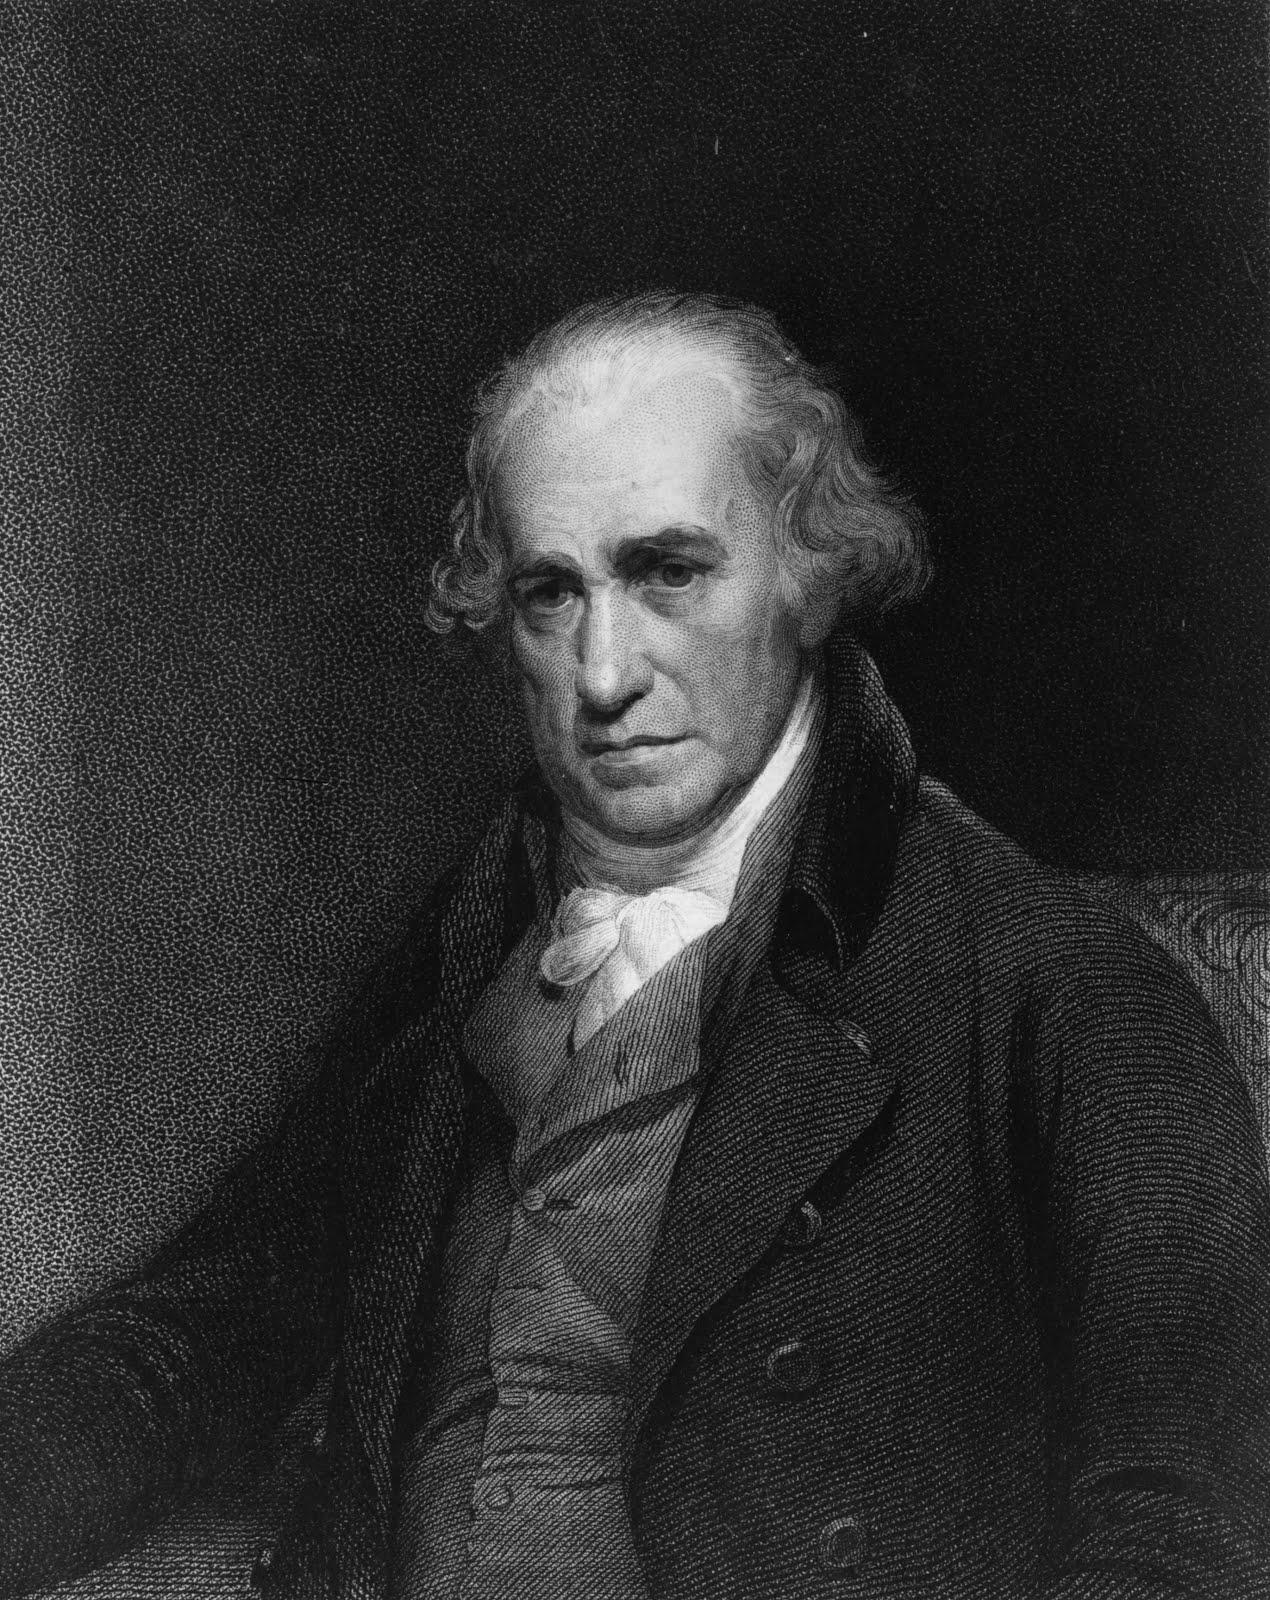 James Watt Quotes. QuotesGram